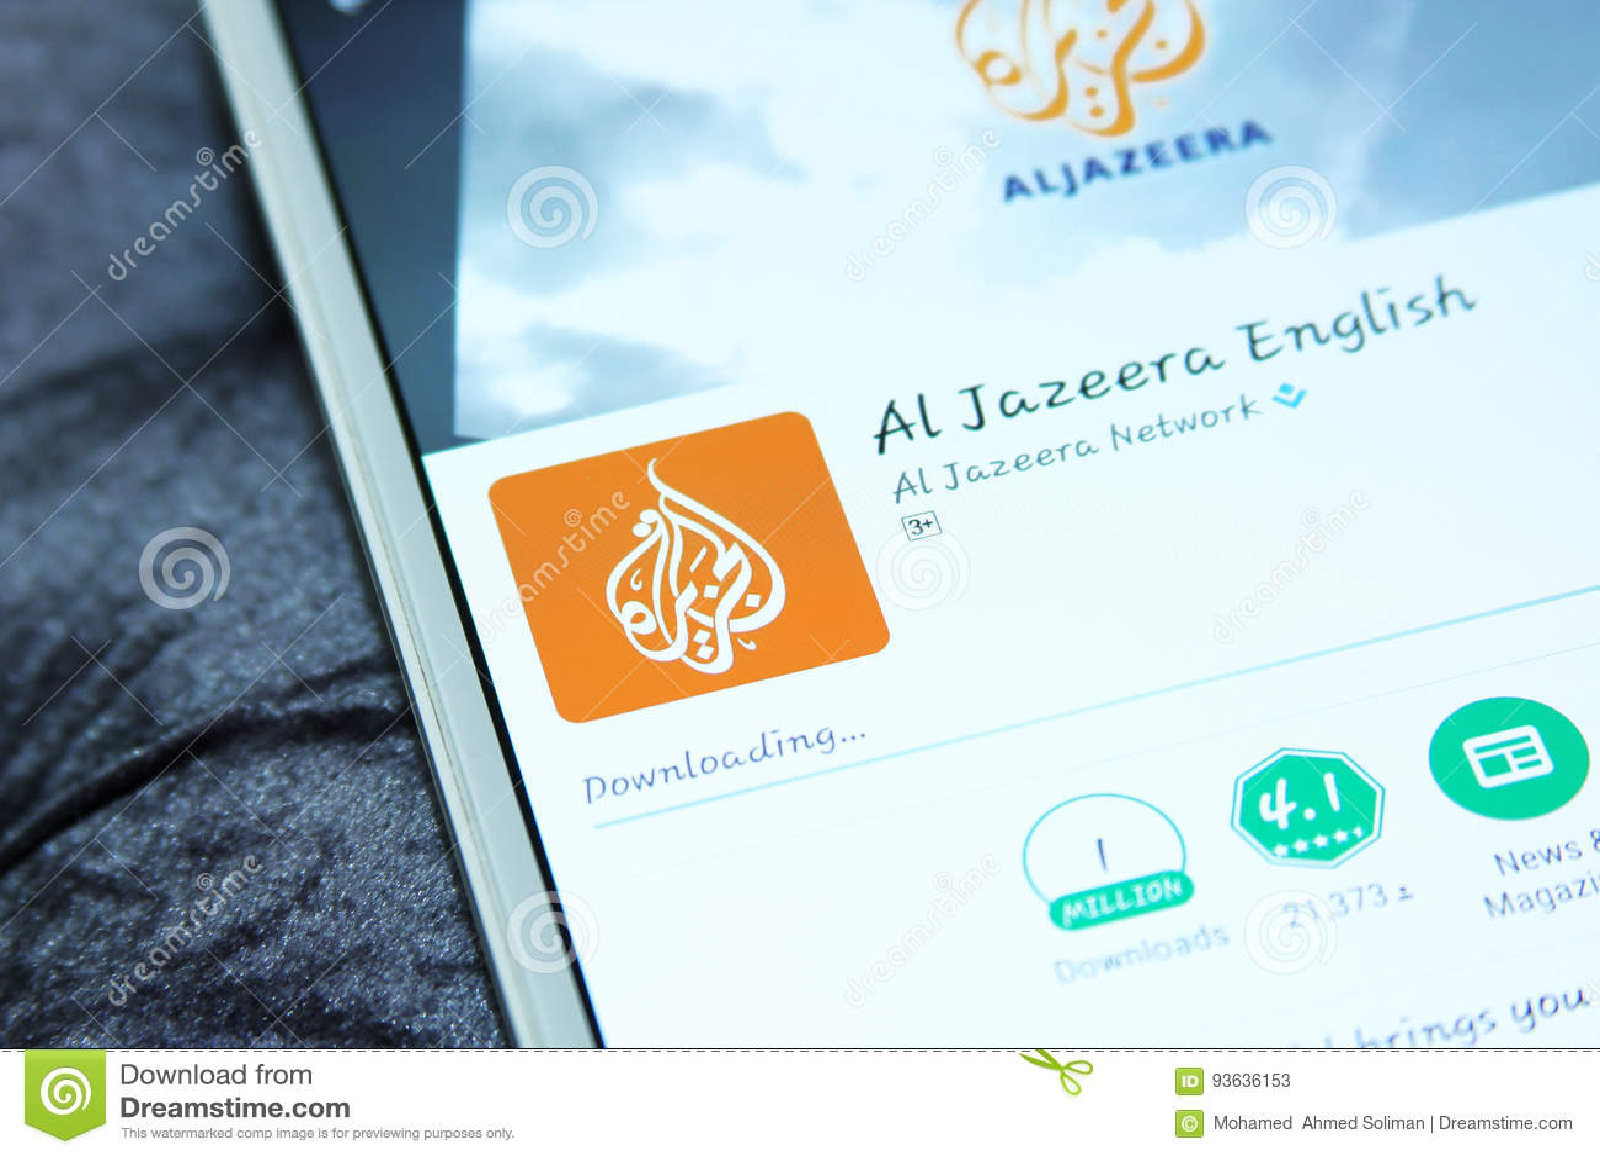 Aljazeera news mobile app